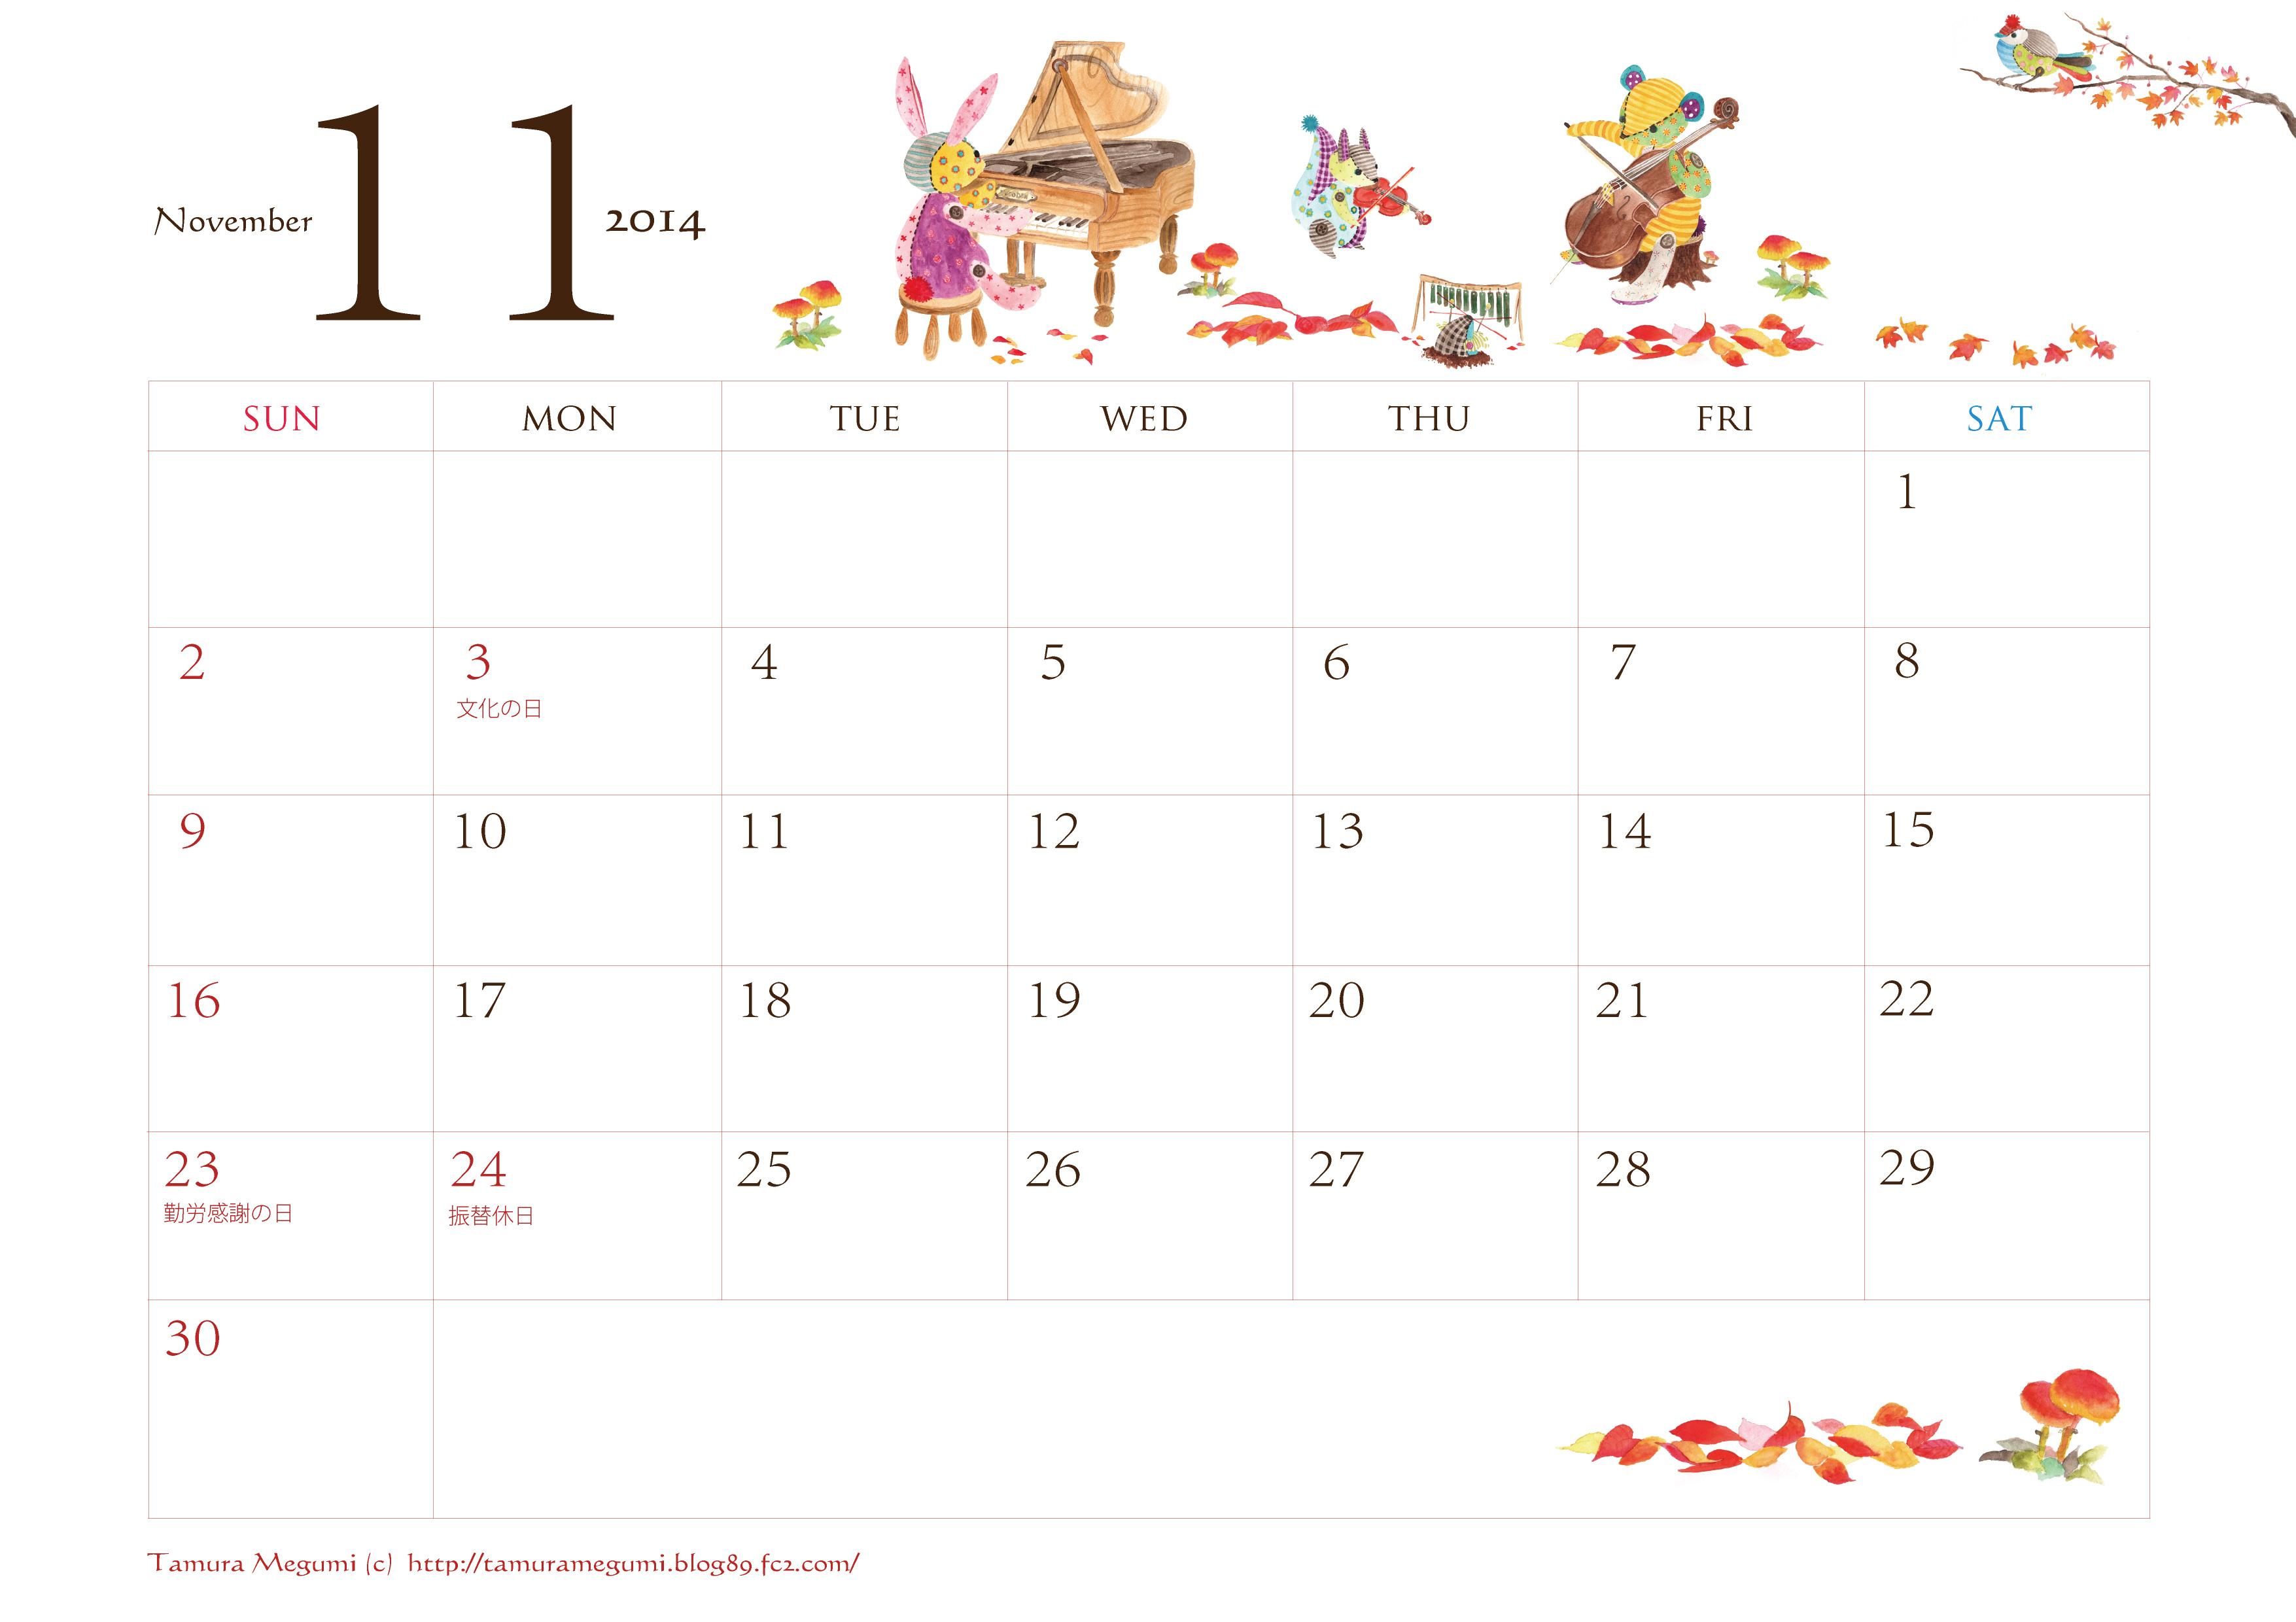 ... 2014年11月分 フリーカレンダー : フリーカレンダー 2014 : カレンダー